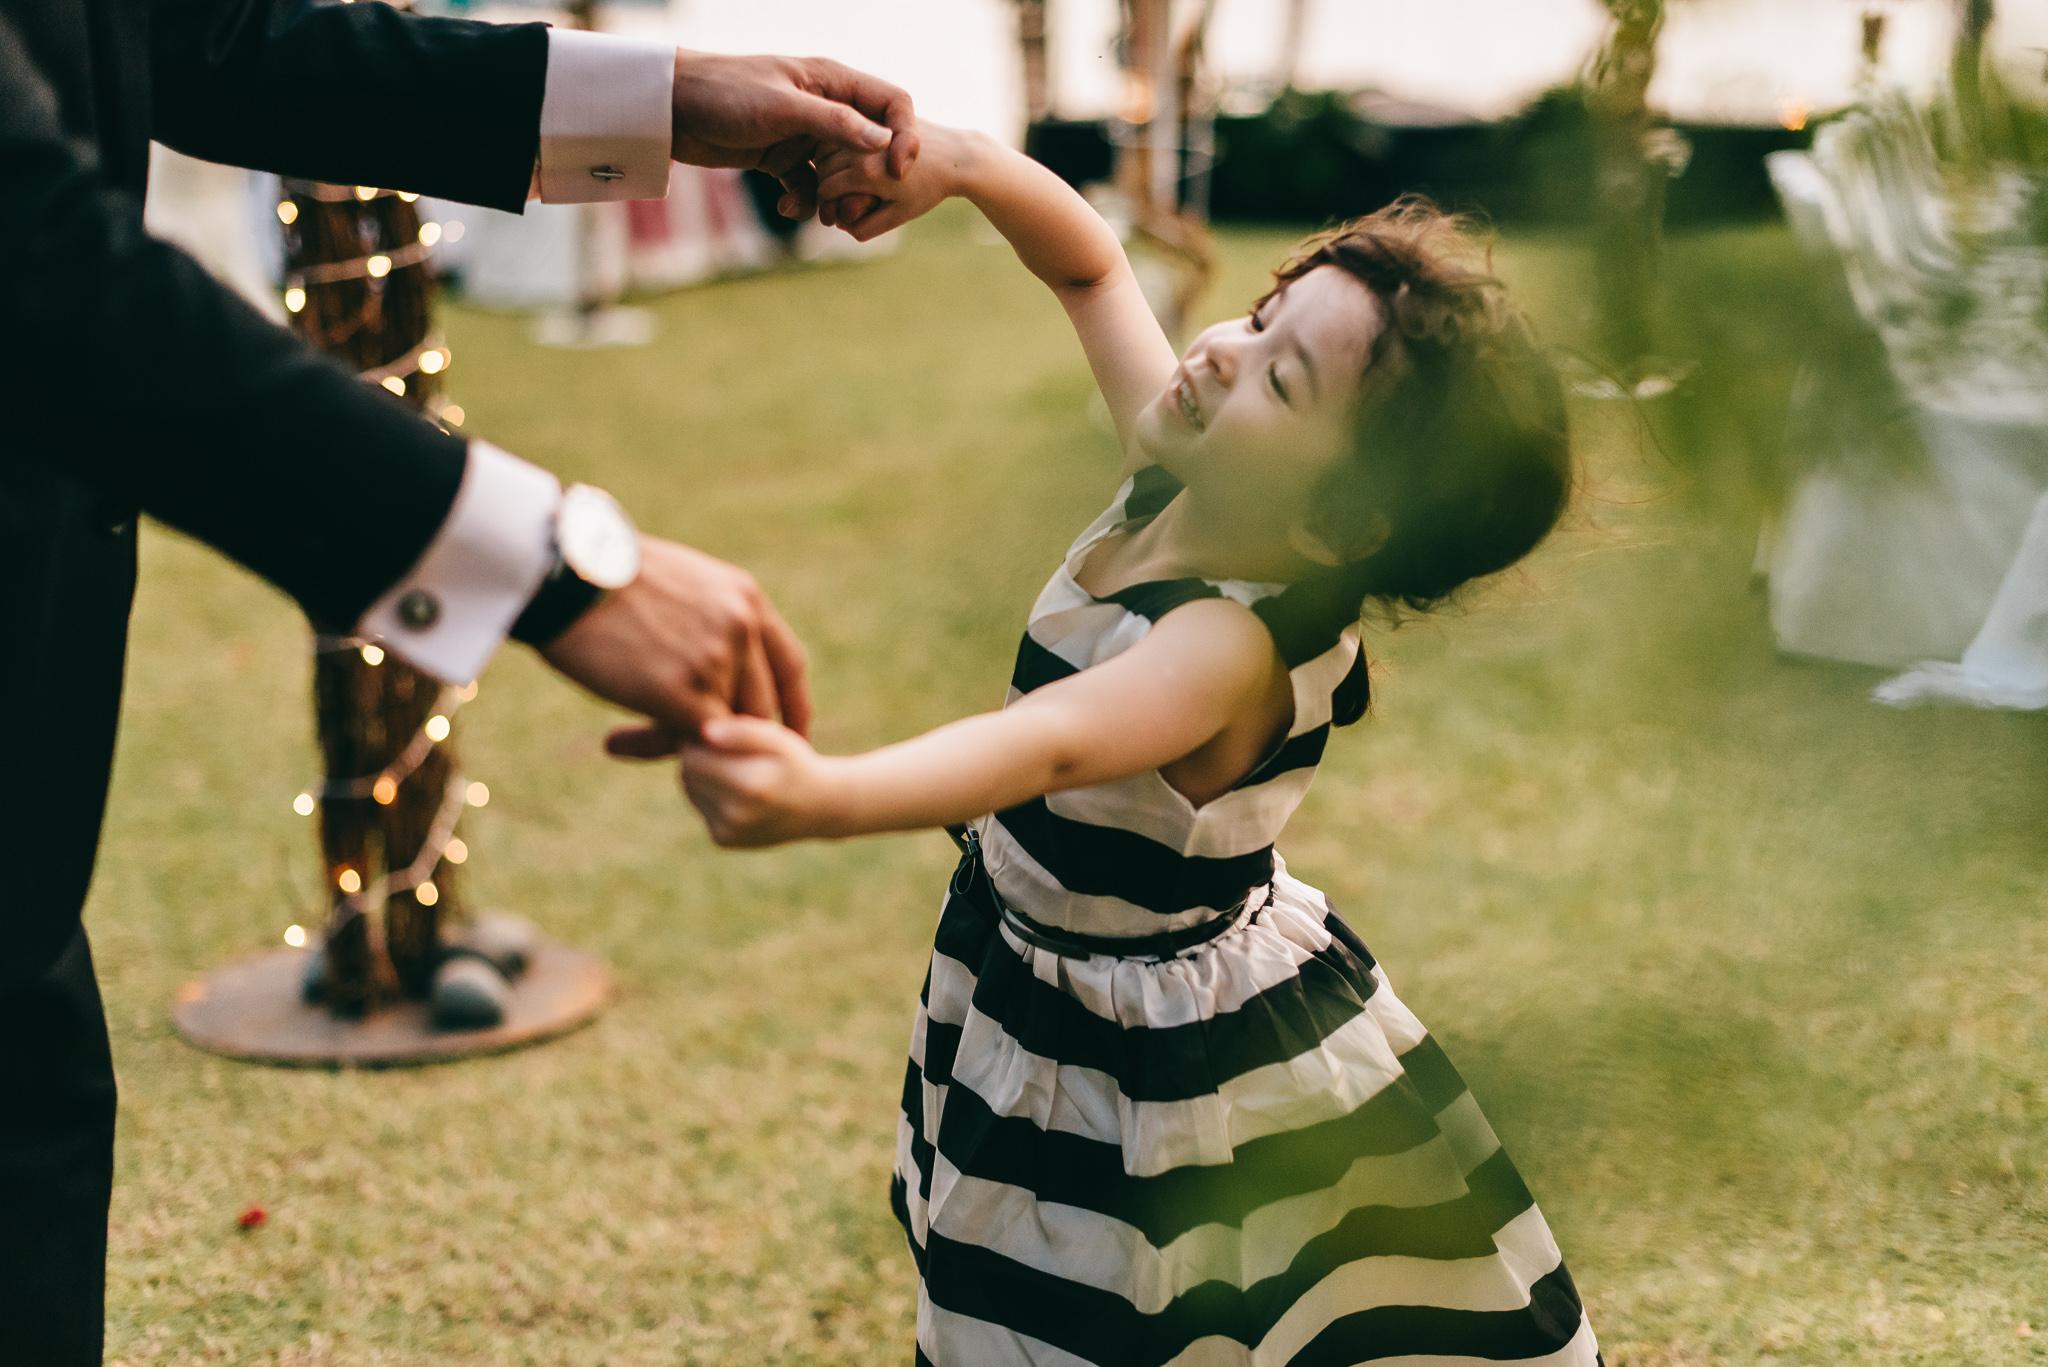 Lionel & Karen Wedding Day Highlights (resized for sharing) - 161.jpg